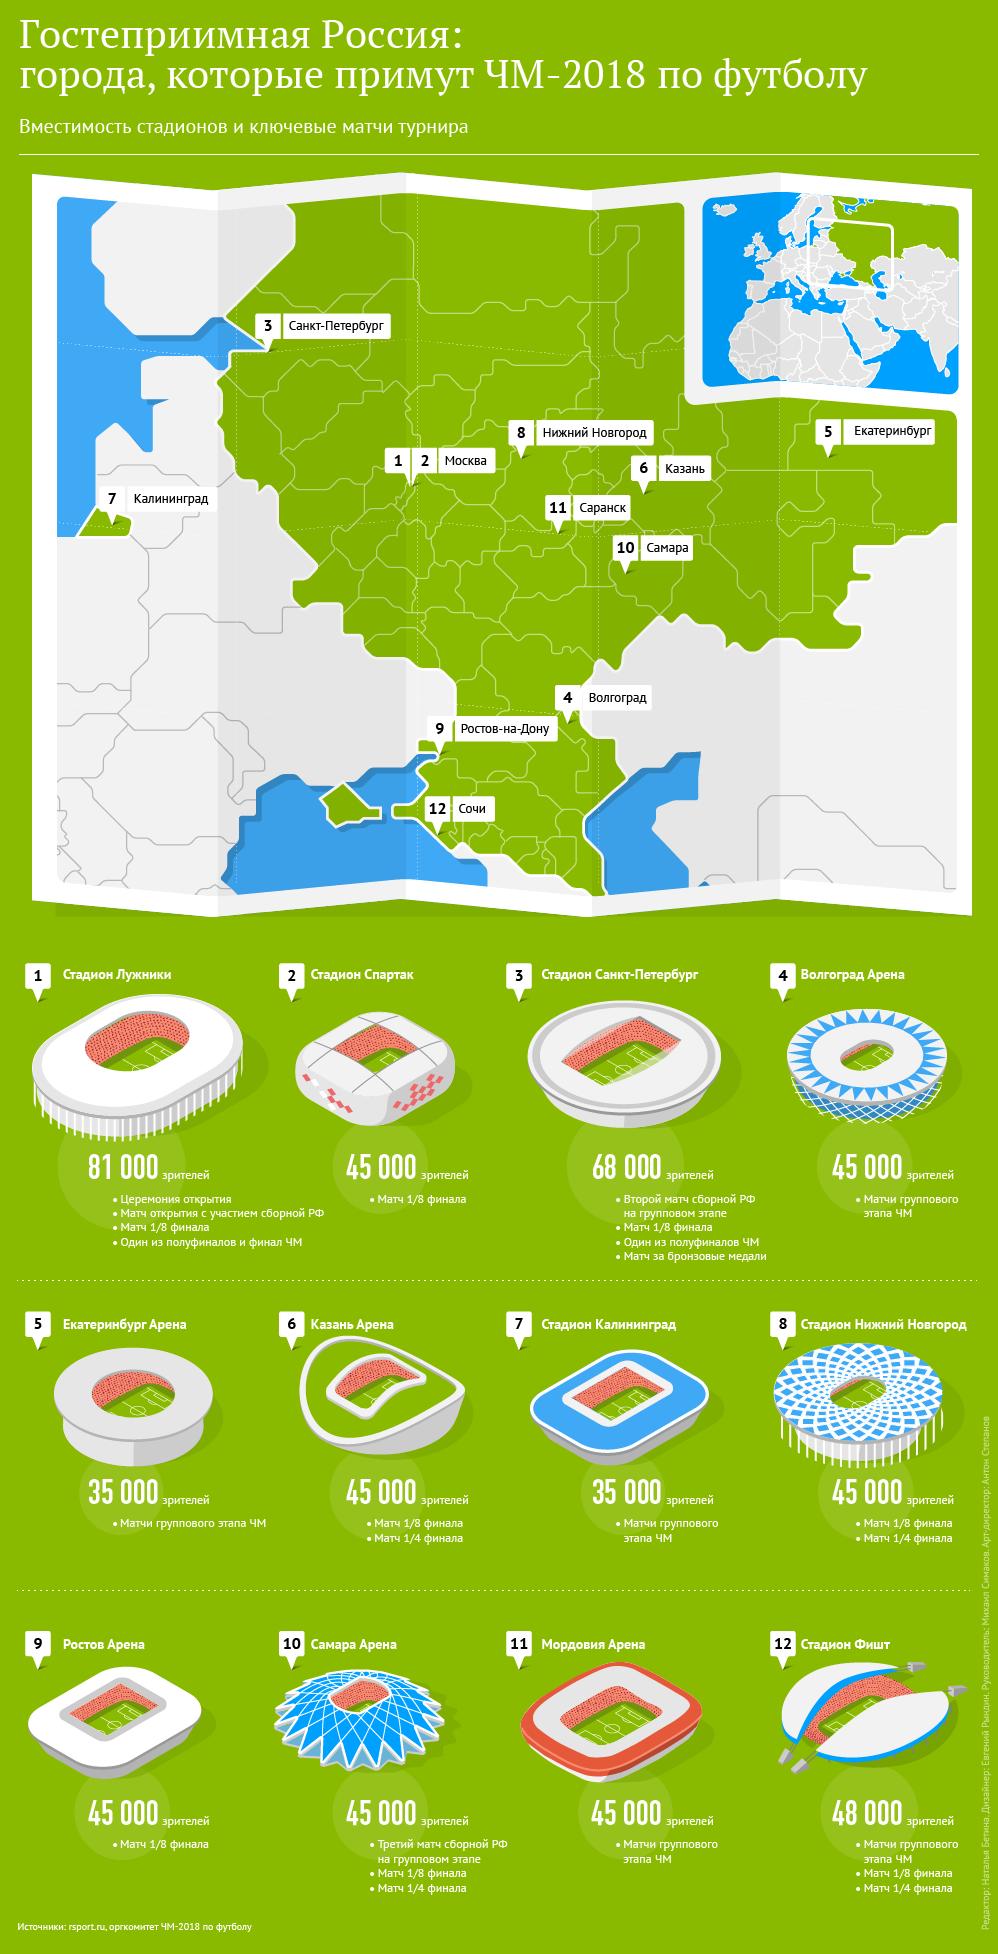 Гостеприимная Россия: города, которые примут ЧМ-2018 по футболу